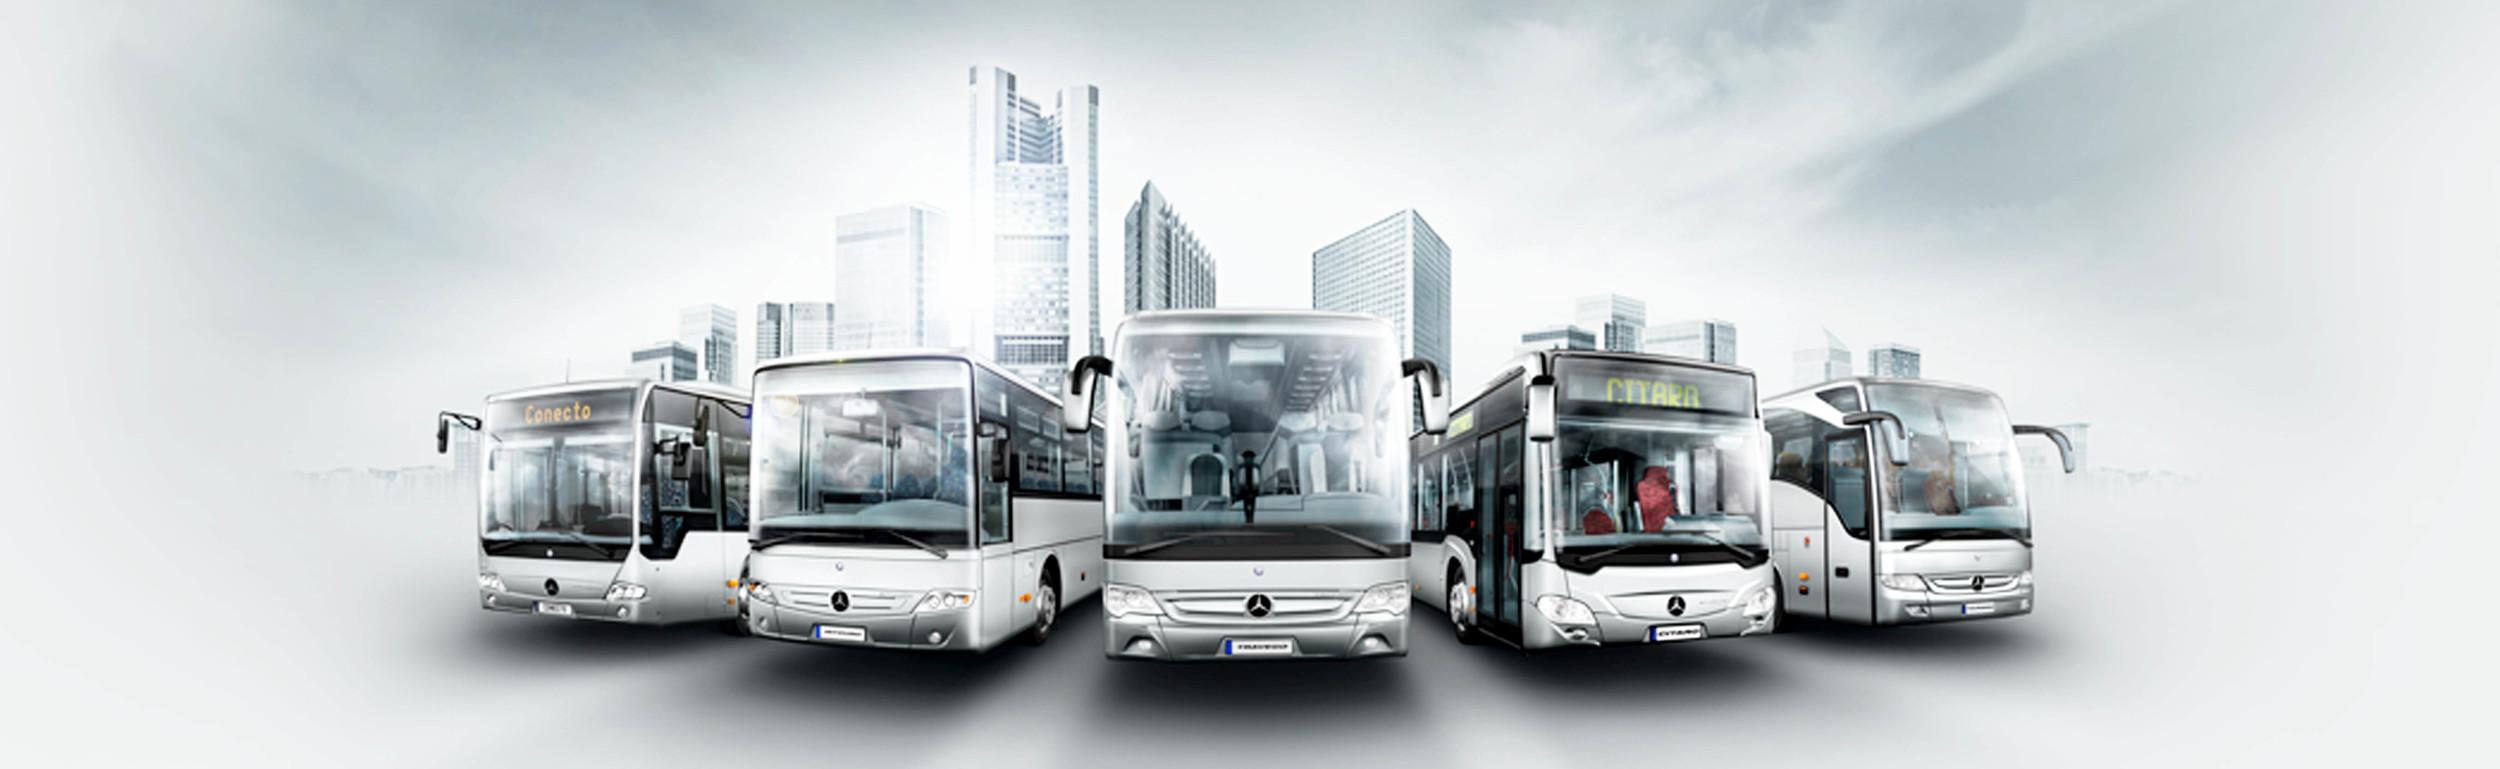 Daimler Buses Markenstrategie